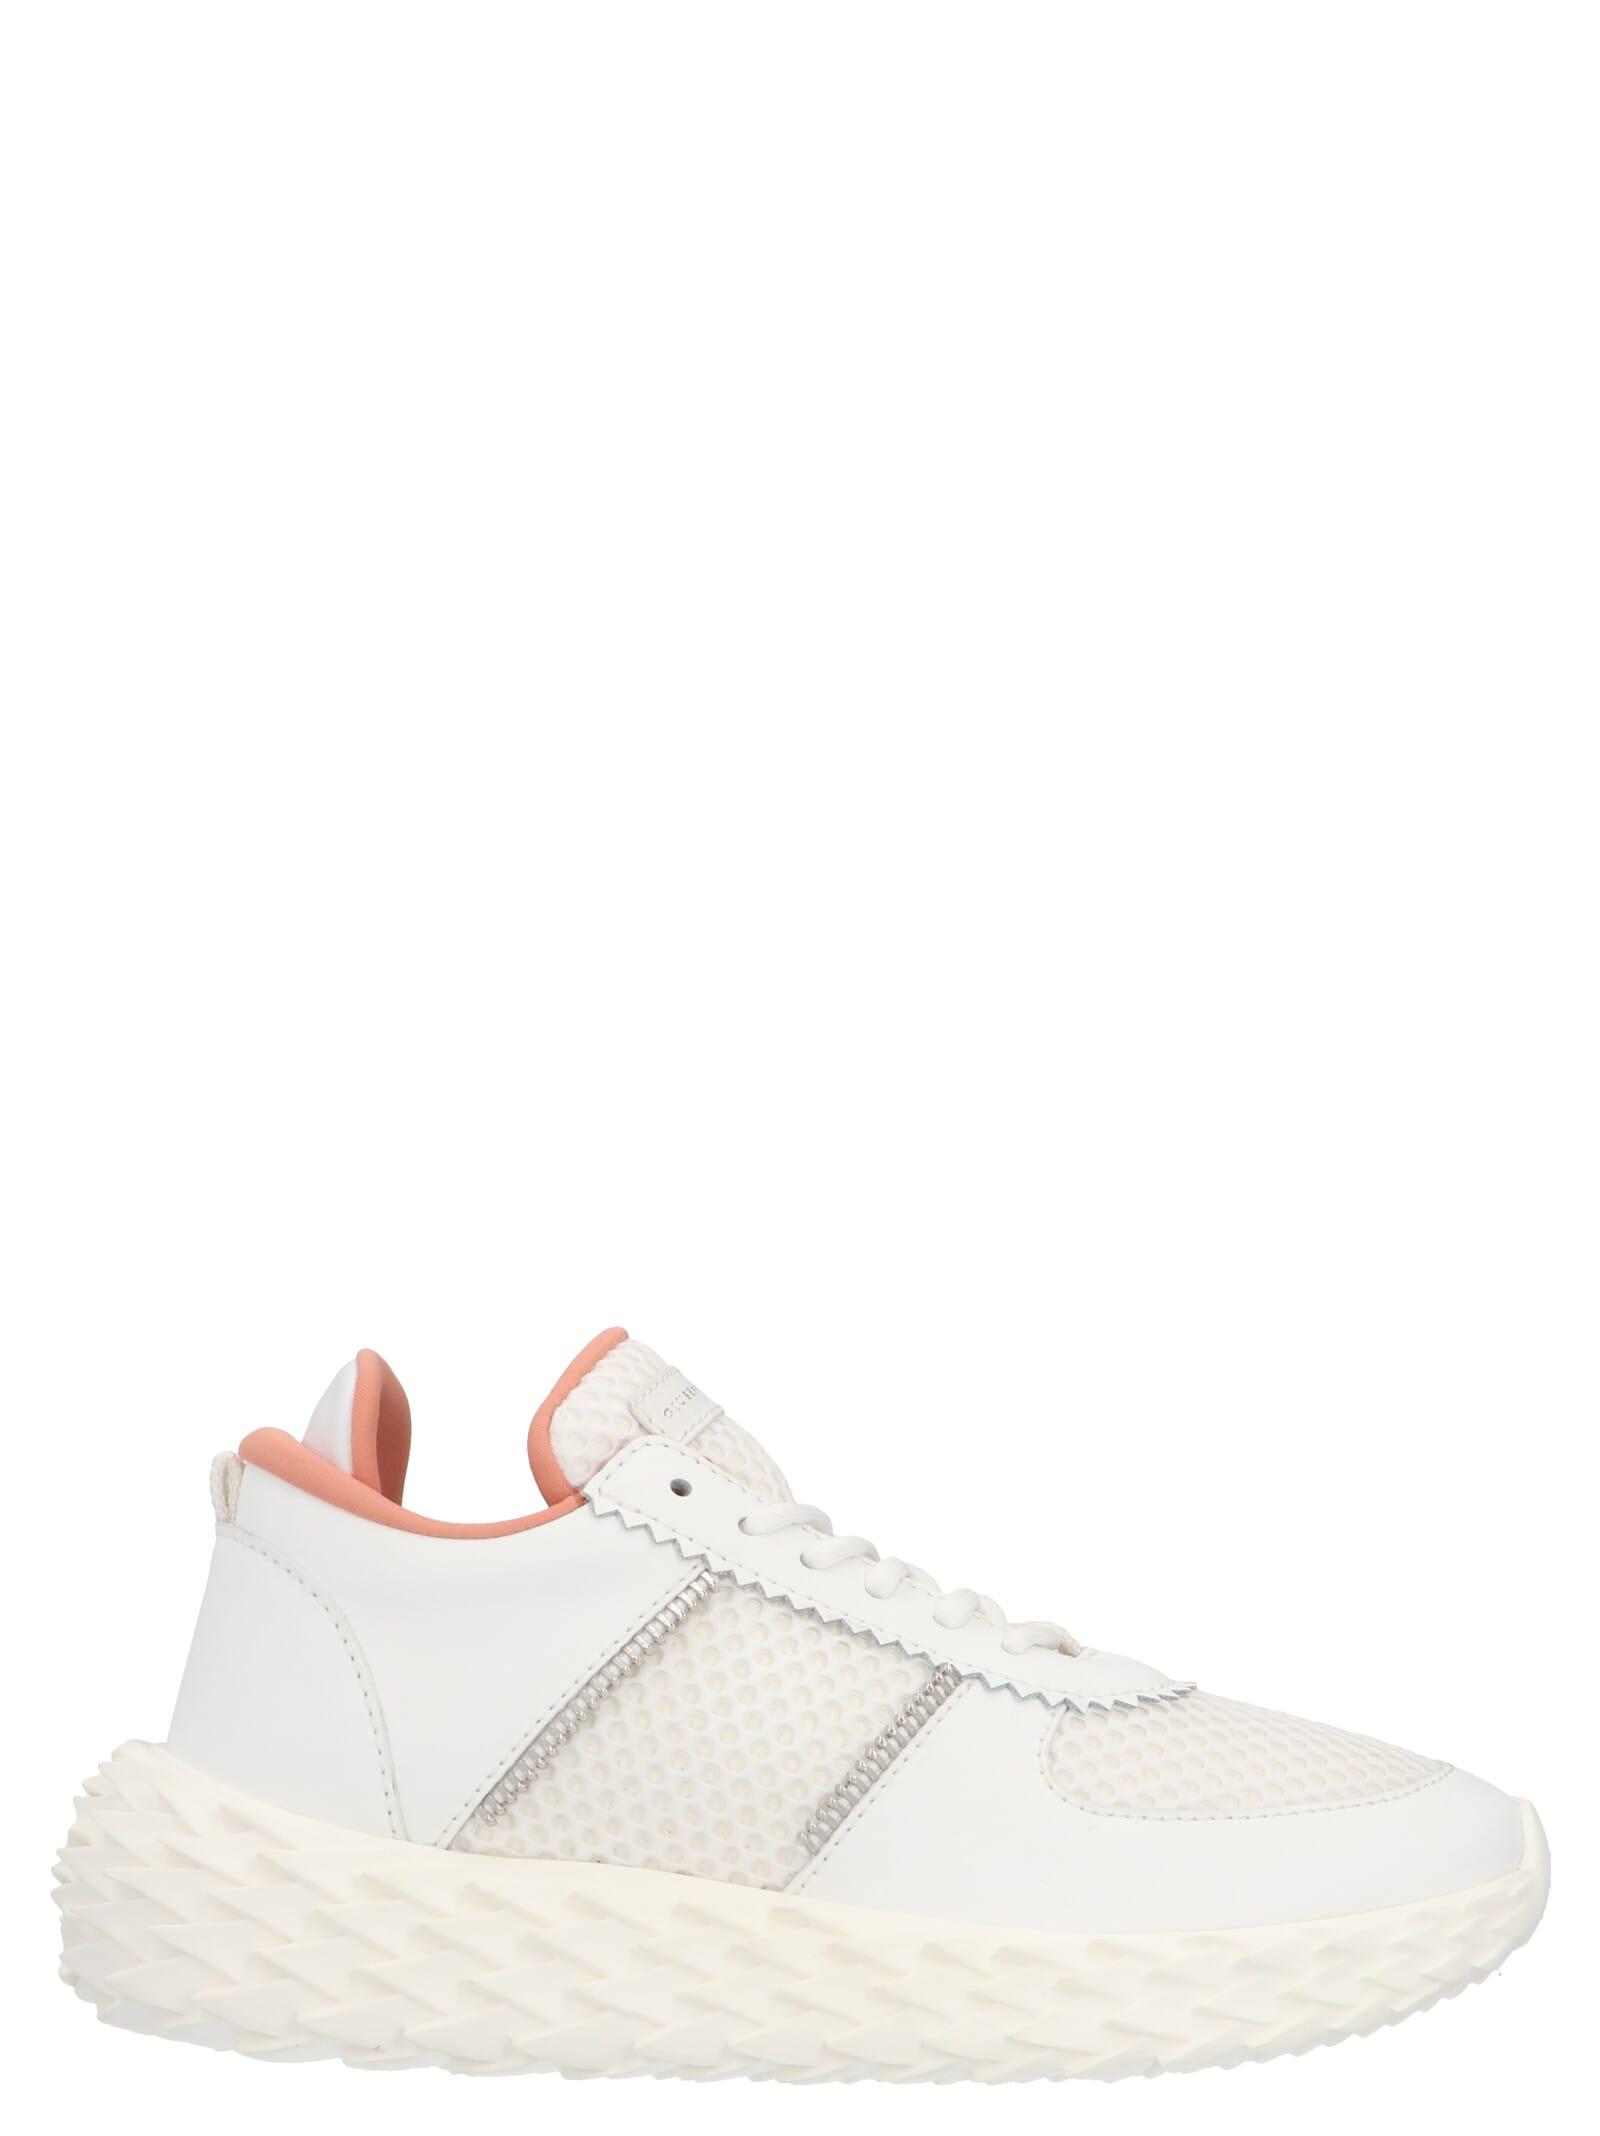 Giuseppe Zanotti new Urchin Shoes